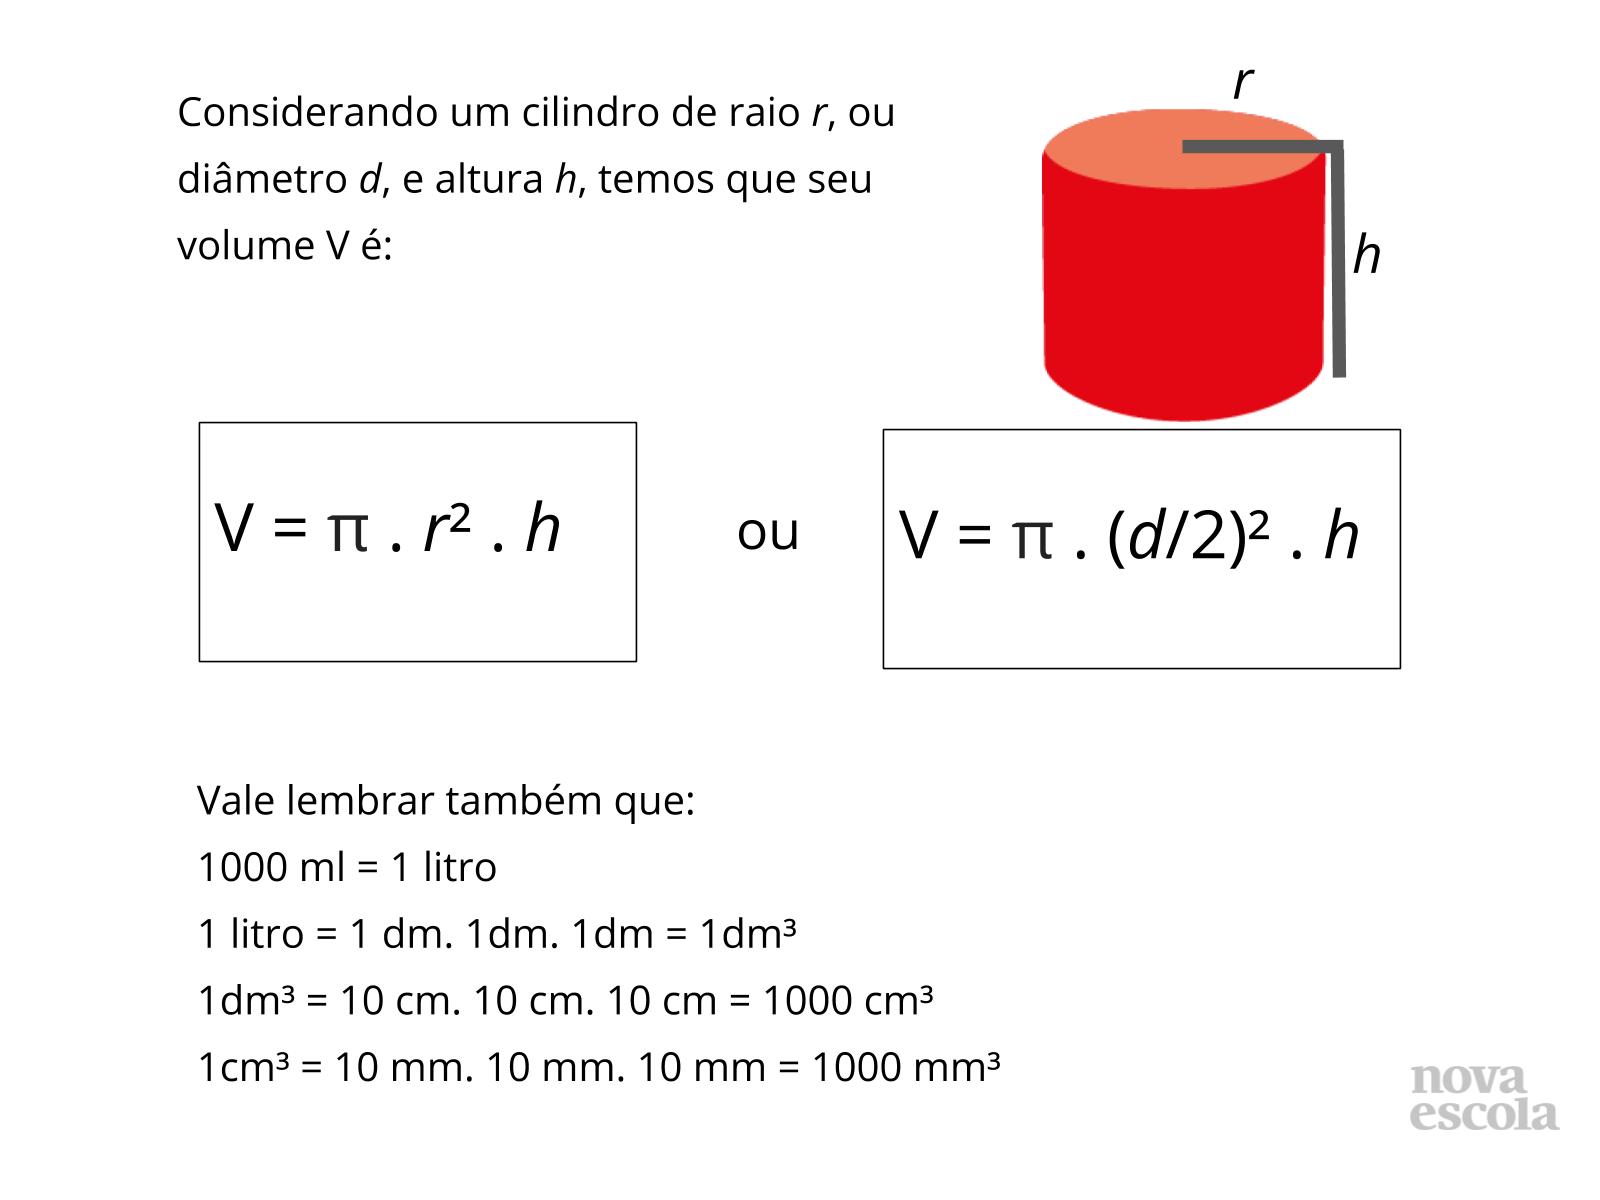 Realizar cálculos práticos com volume e capacidade do cilindro reto.